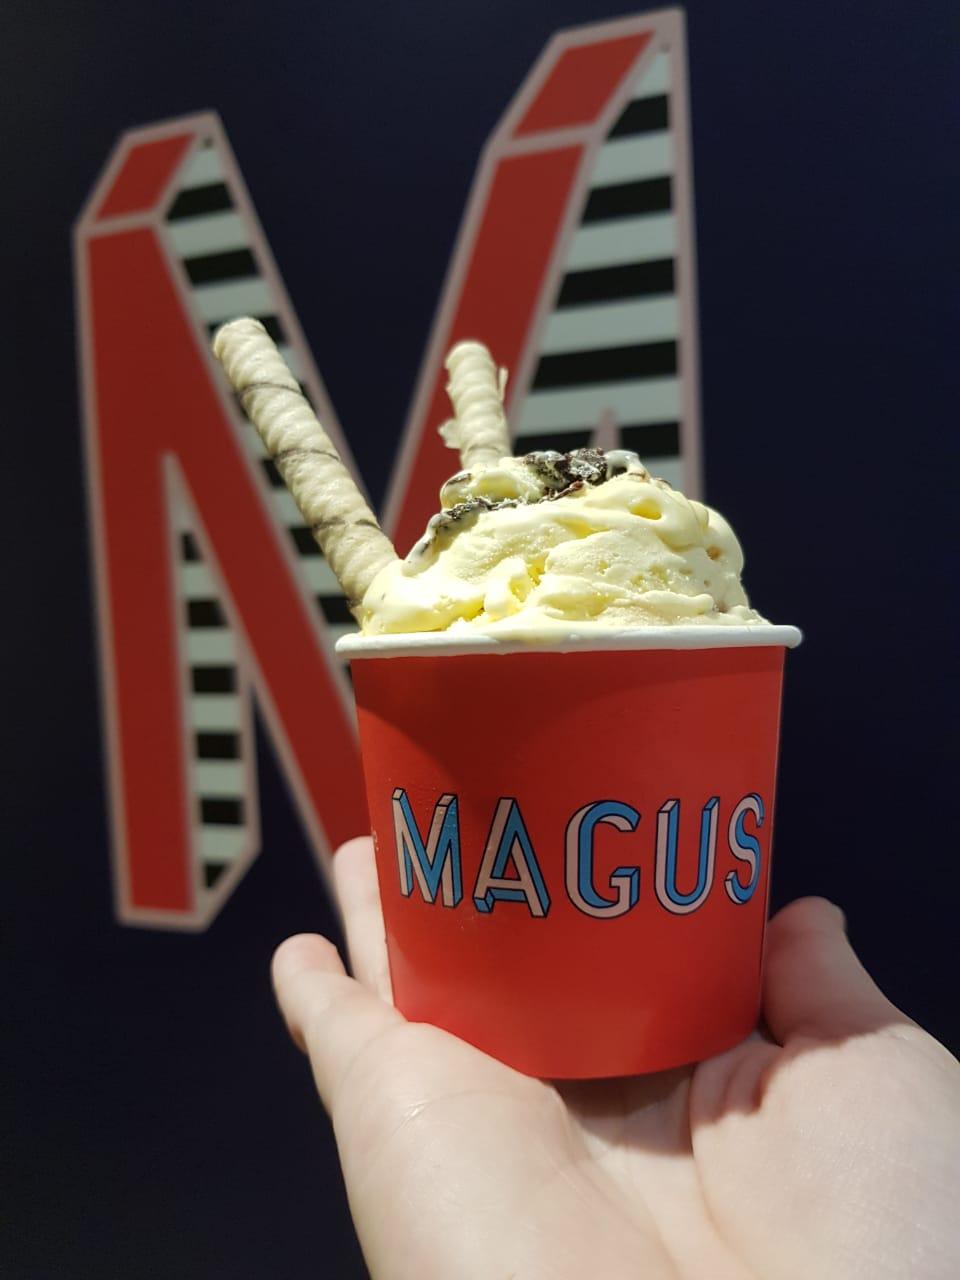 Oferta exclusiva de Aniversário! Bordinha de bolo + calda + gelato + topping por R$8,99 na Magus